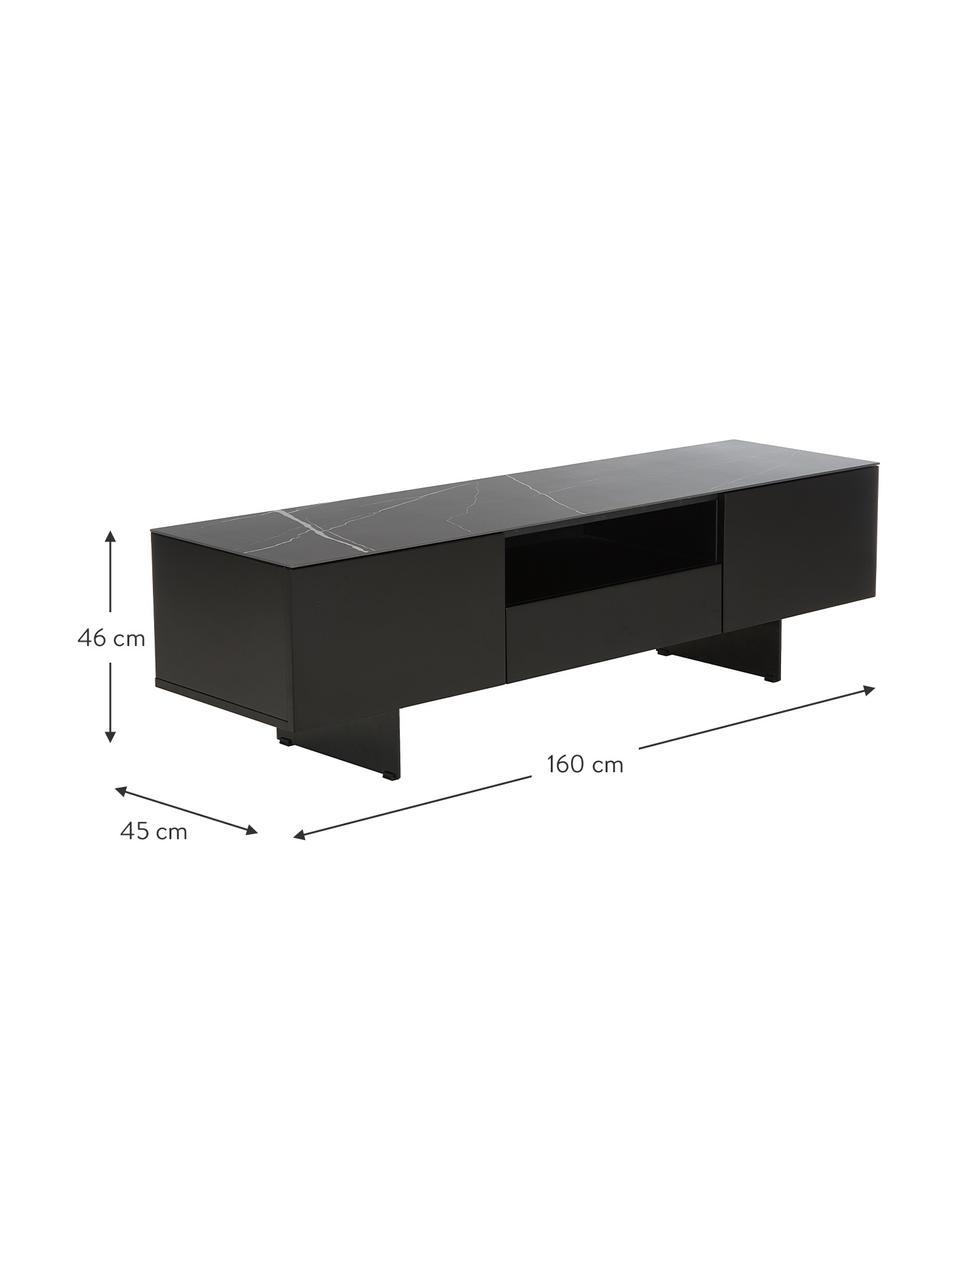 Meuble TV noir avec plateau aspect marbre Fiona, Corps: noir, mat Pieds: noir, mat Tablette: noir, marbré